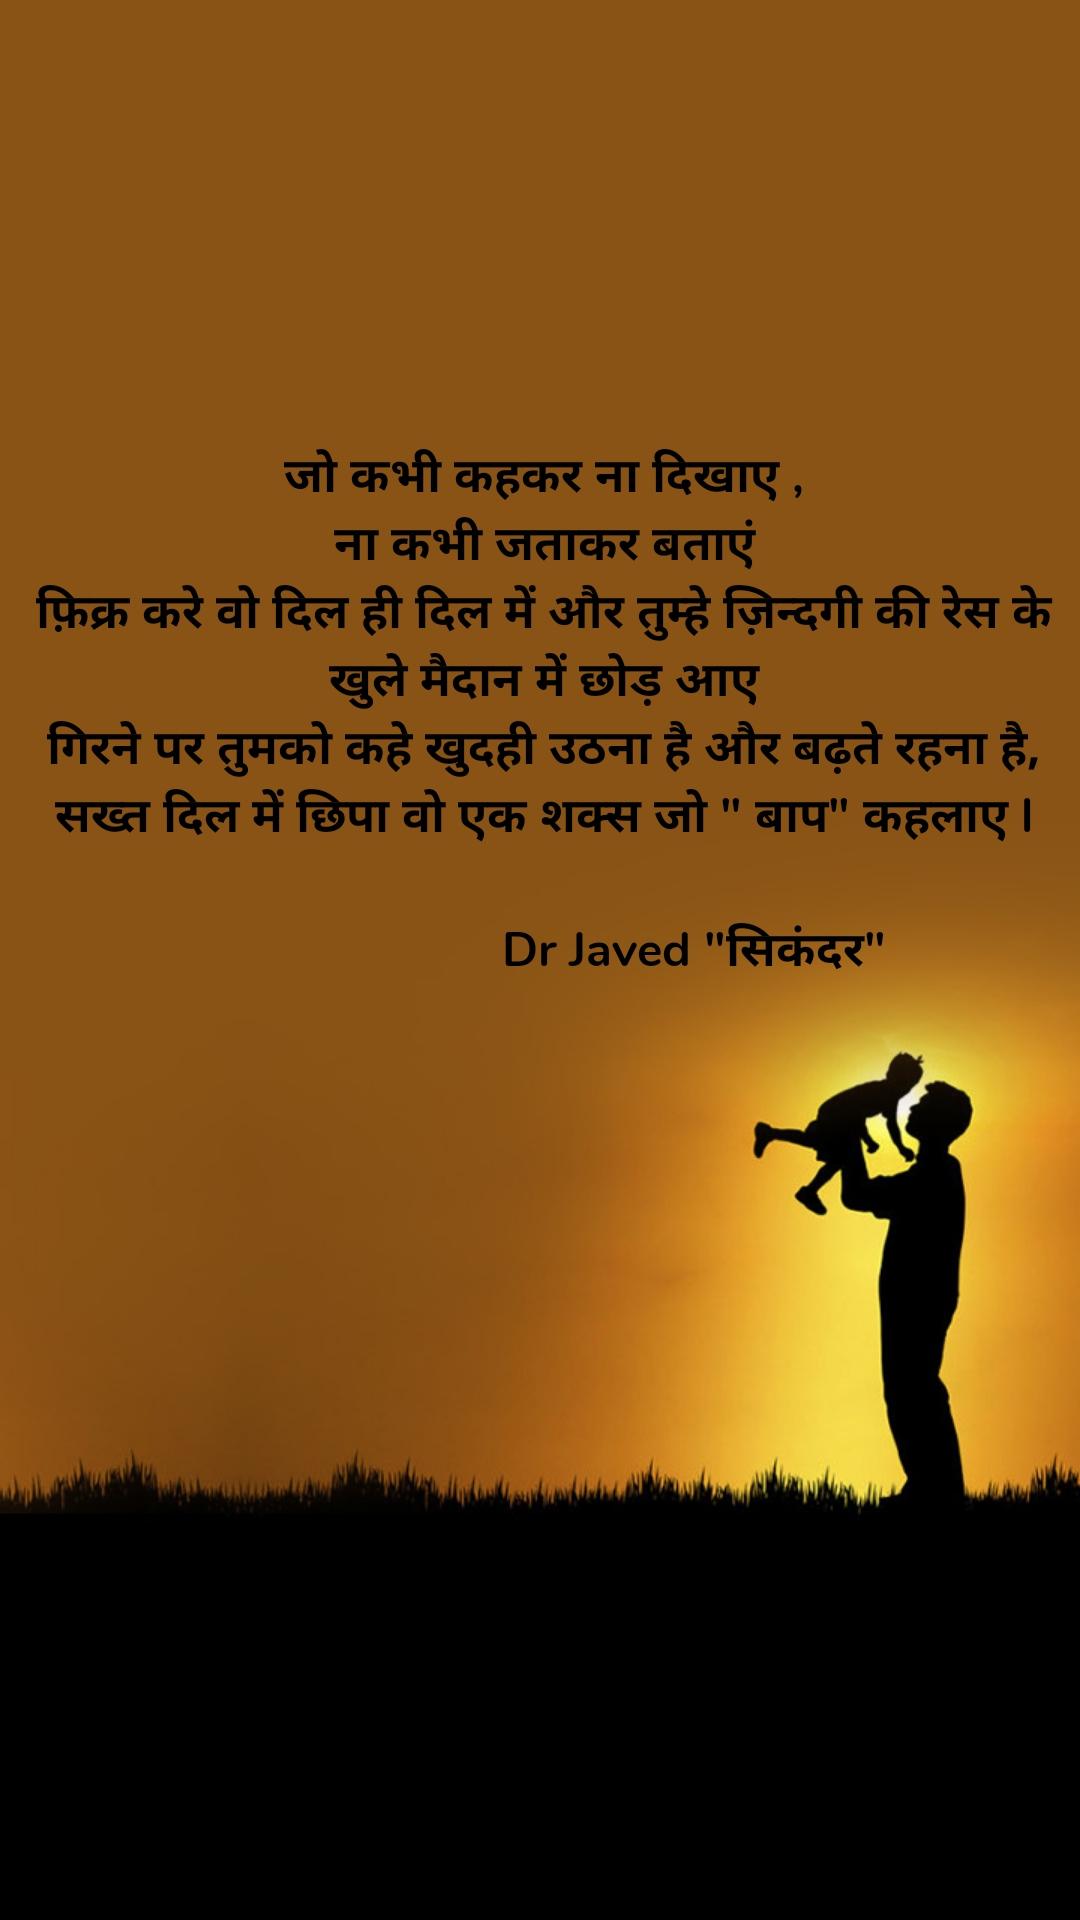 """जो कभी कहकर ना दिखाए , ना कभी जताकर बताएं फ़िक्र करे वो दिल ही दिल में और तुम्हे ज़िन्दगी की रेस के खुले मैदान में छोड़ आए गिरने पर तुमको कहे खुदही उठना है और बढ़ते रहना है, सख्त दिल में छिपा वो एक शक्स जो """" बाप"""" कहलाए l                          Dr Javed """"सिकंदर"""""""